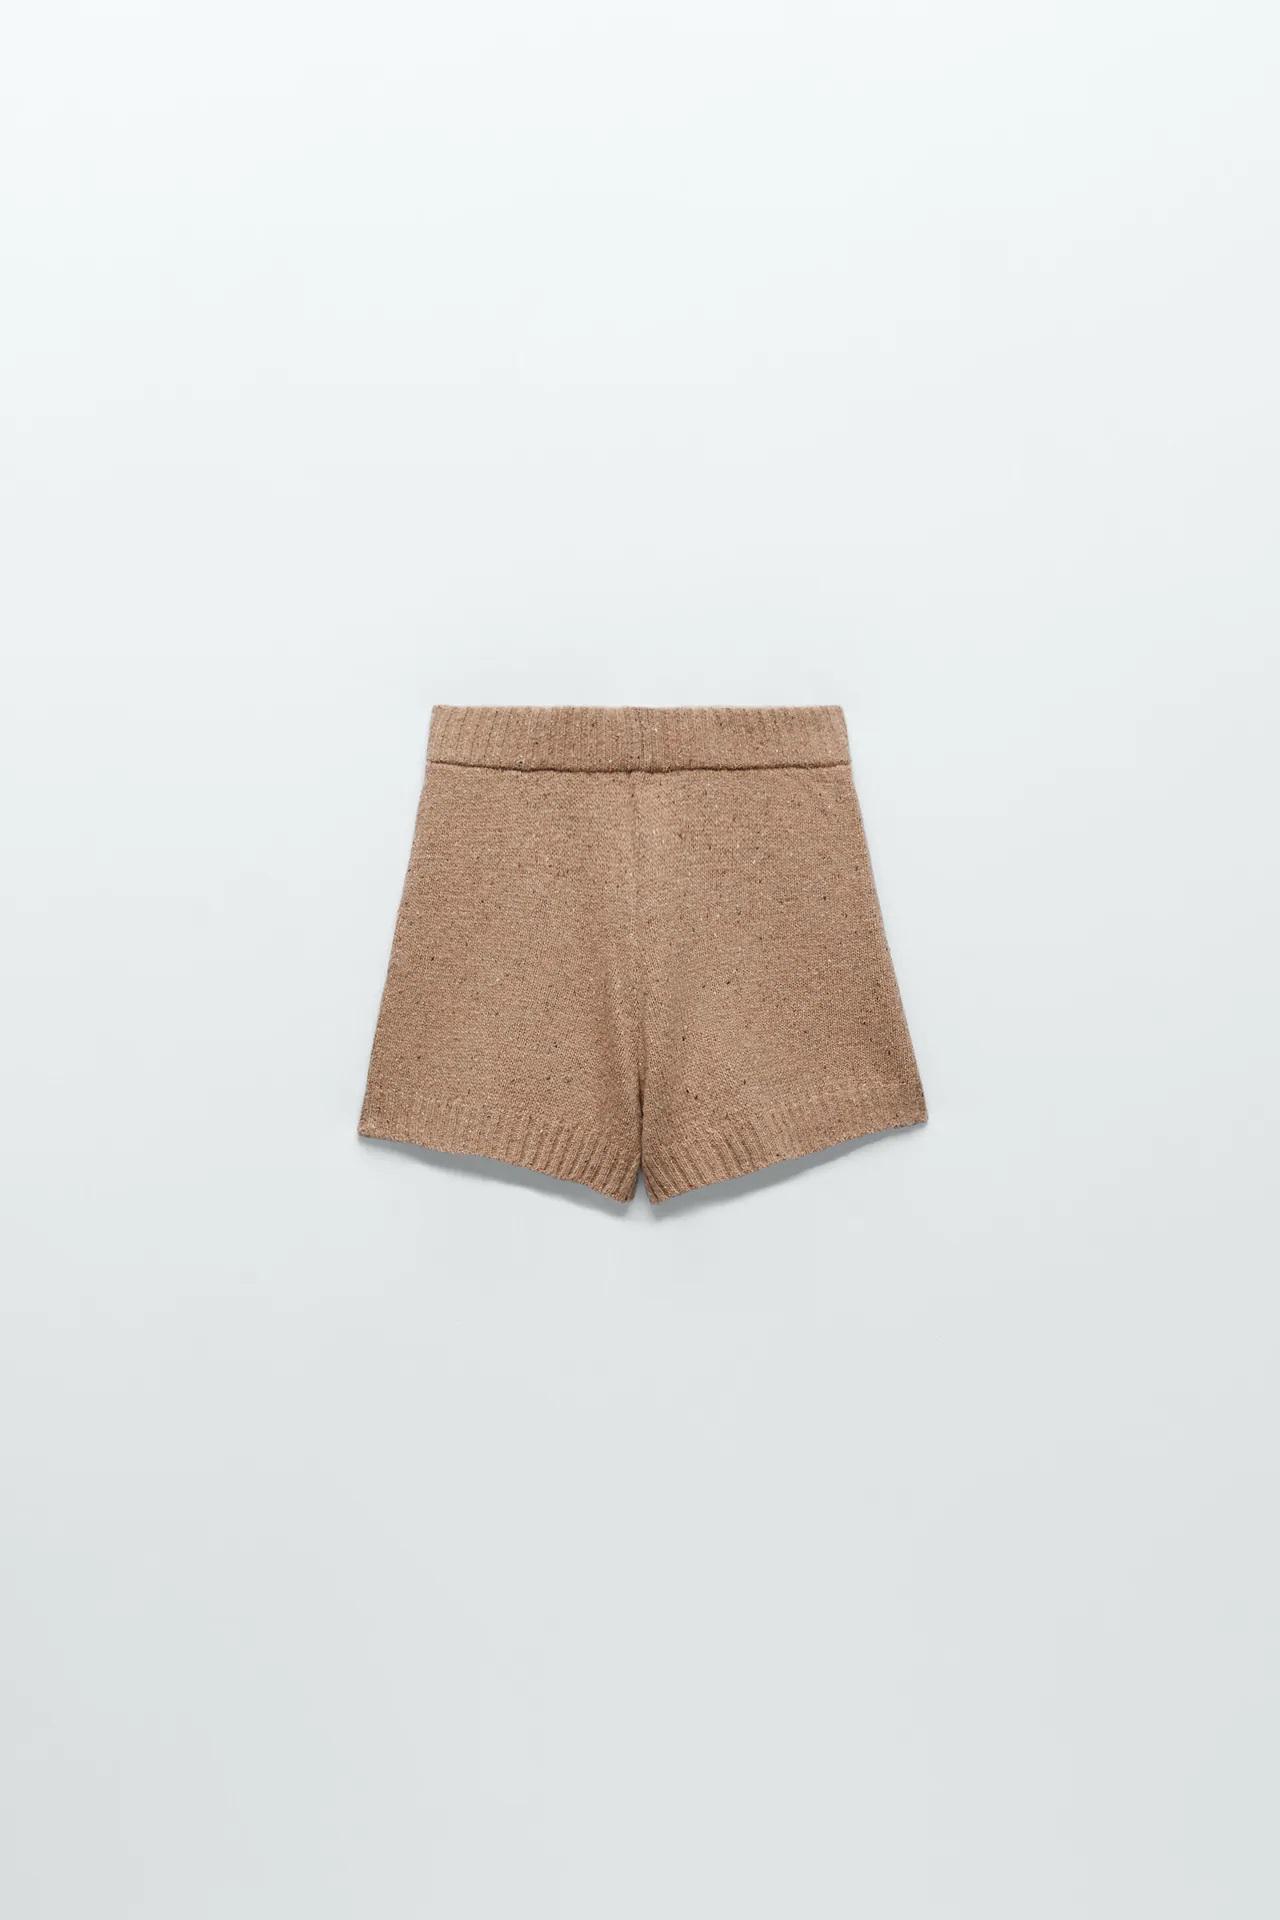 El conjunto de Zara de Amelia Bono ideal para volver a la rutina por menos de 30 euros